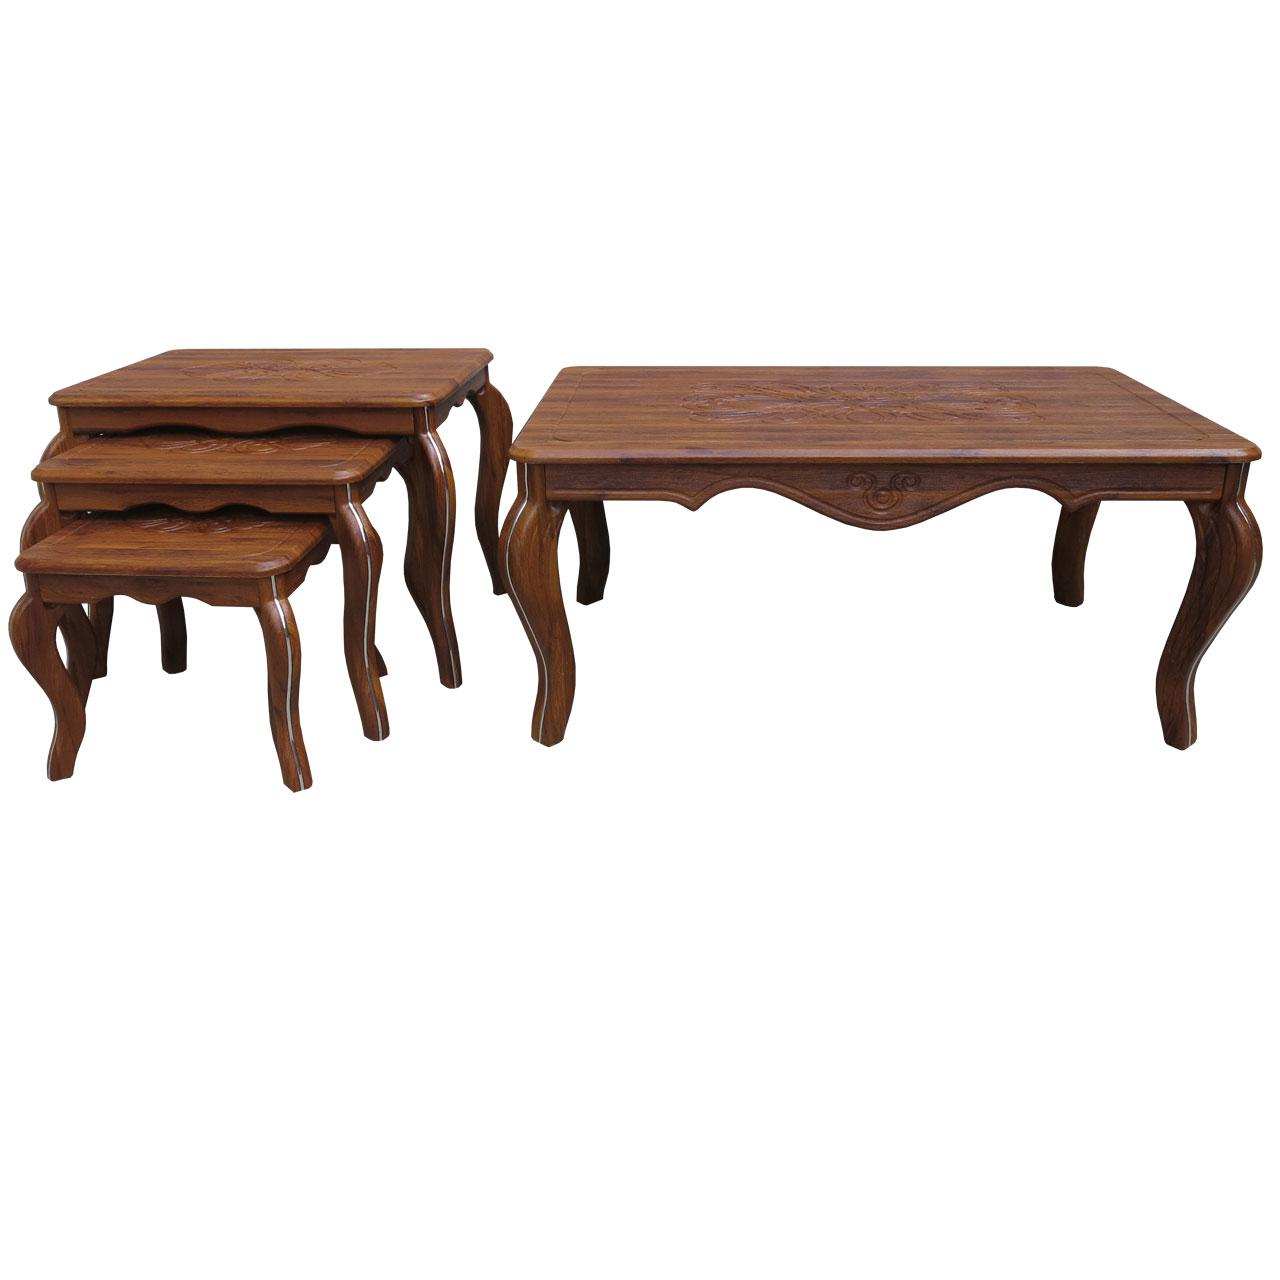 میز جلو مبلی و مجموعه 3 عددی میز عسلی مدل وکیم ونیزG |